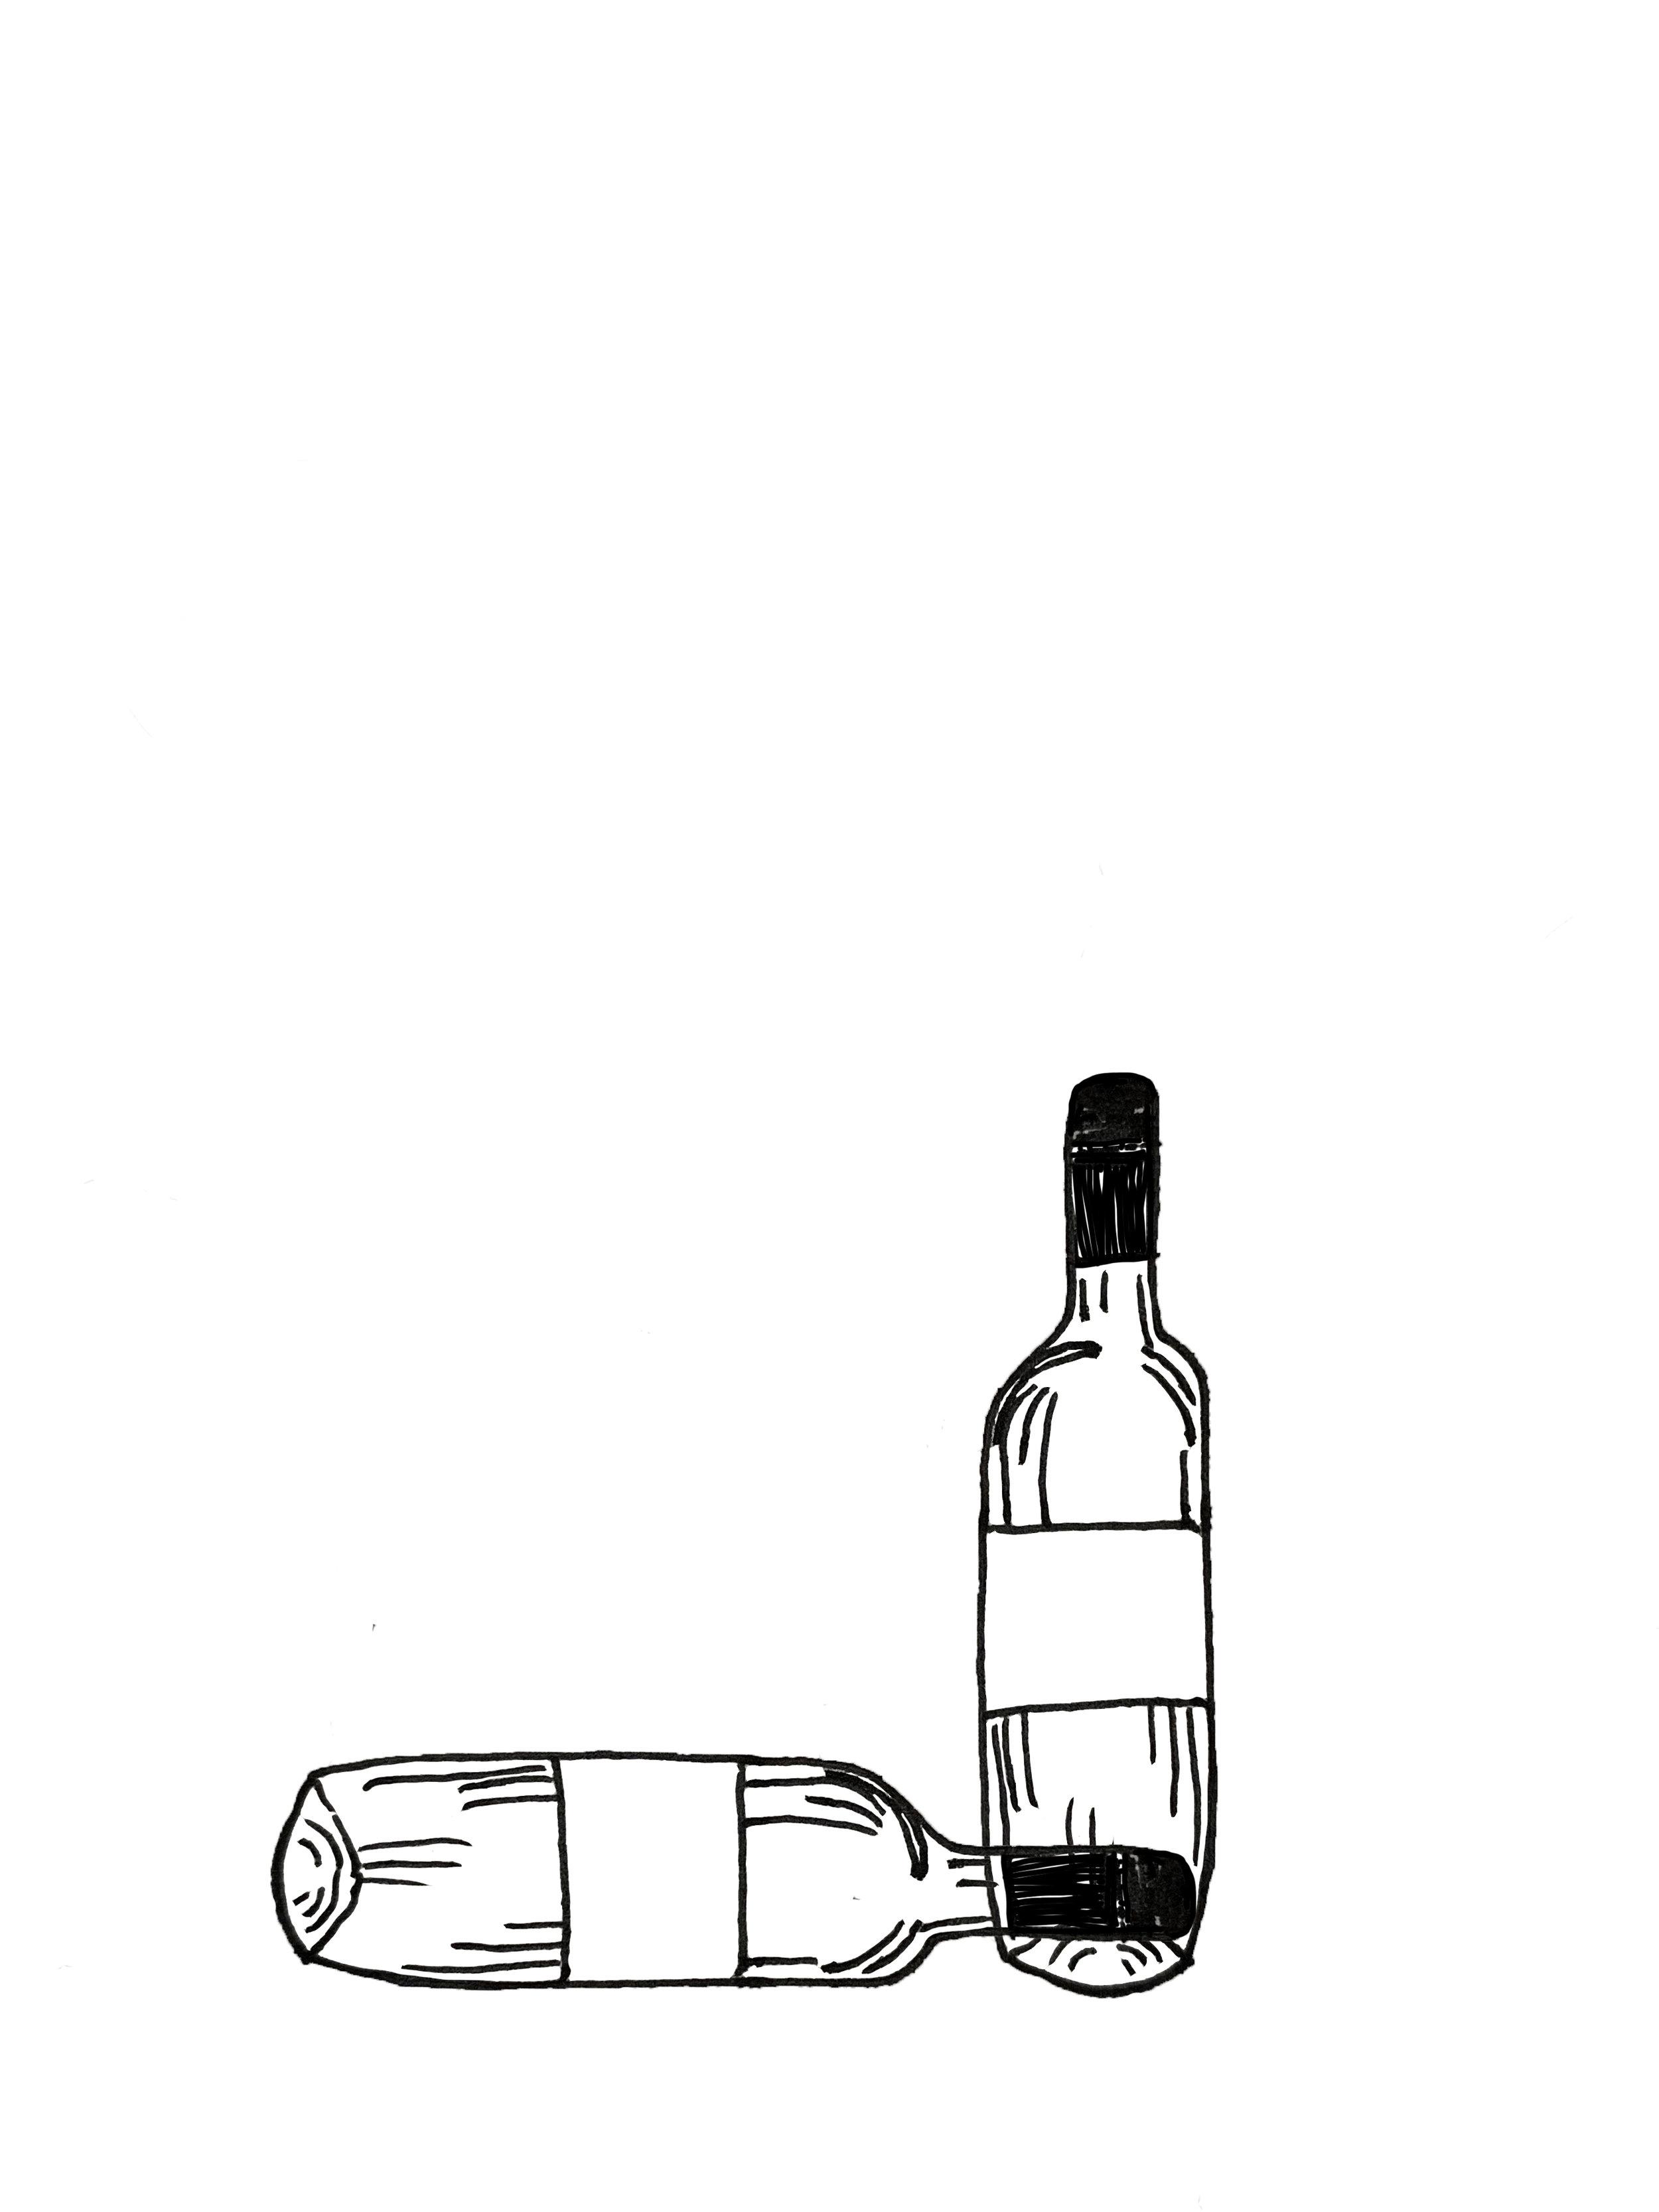 bottle sketch.jpg